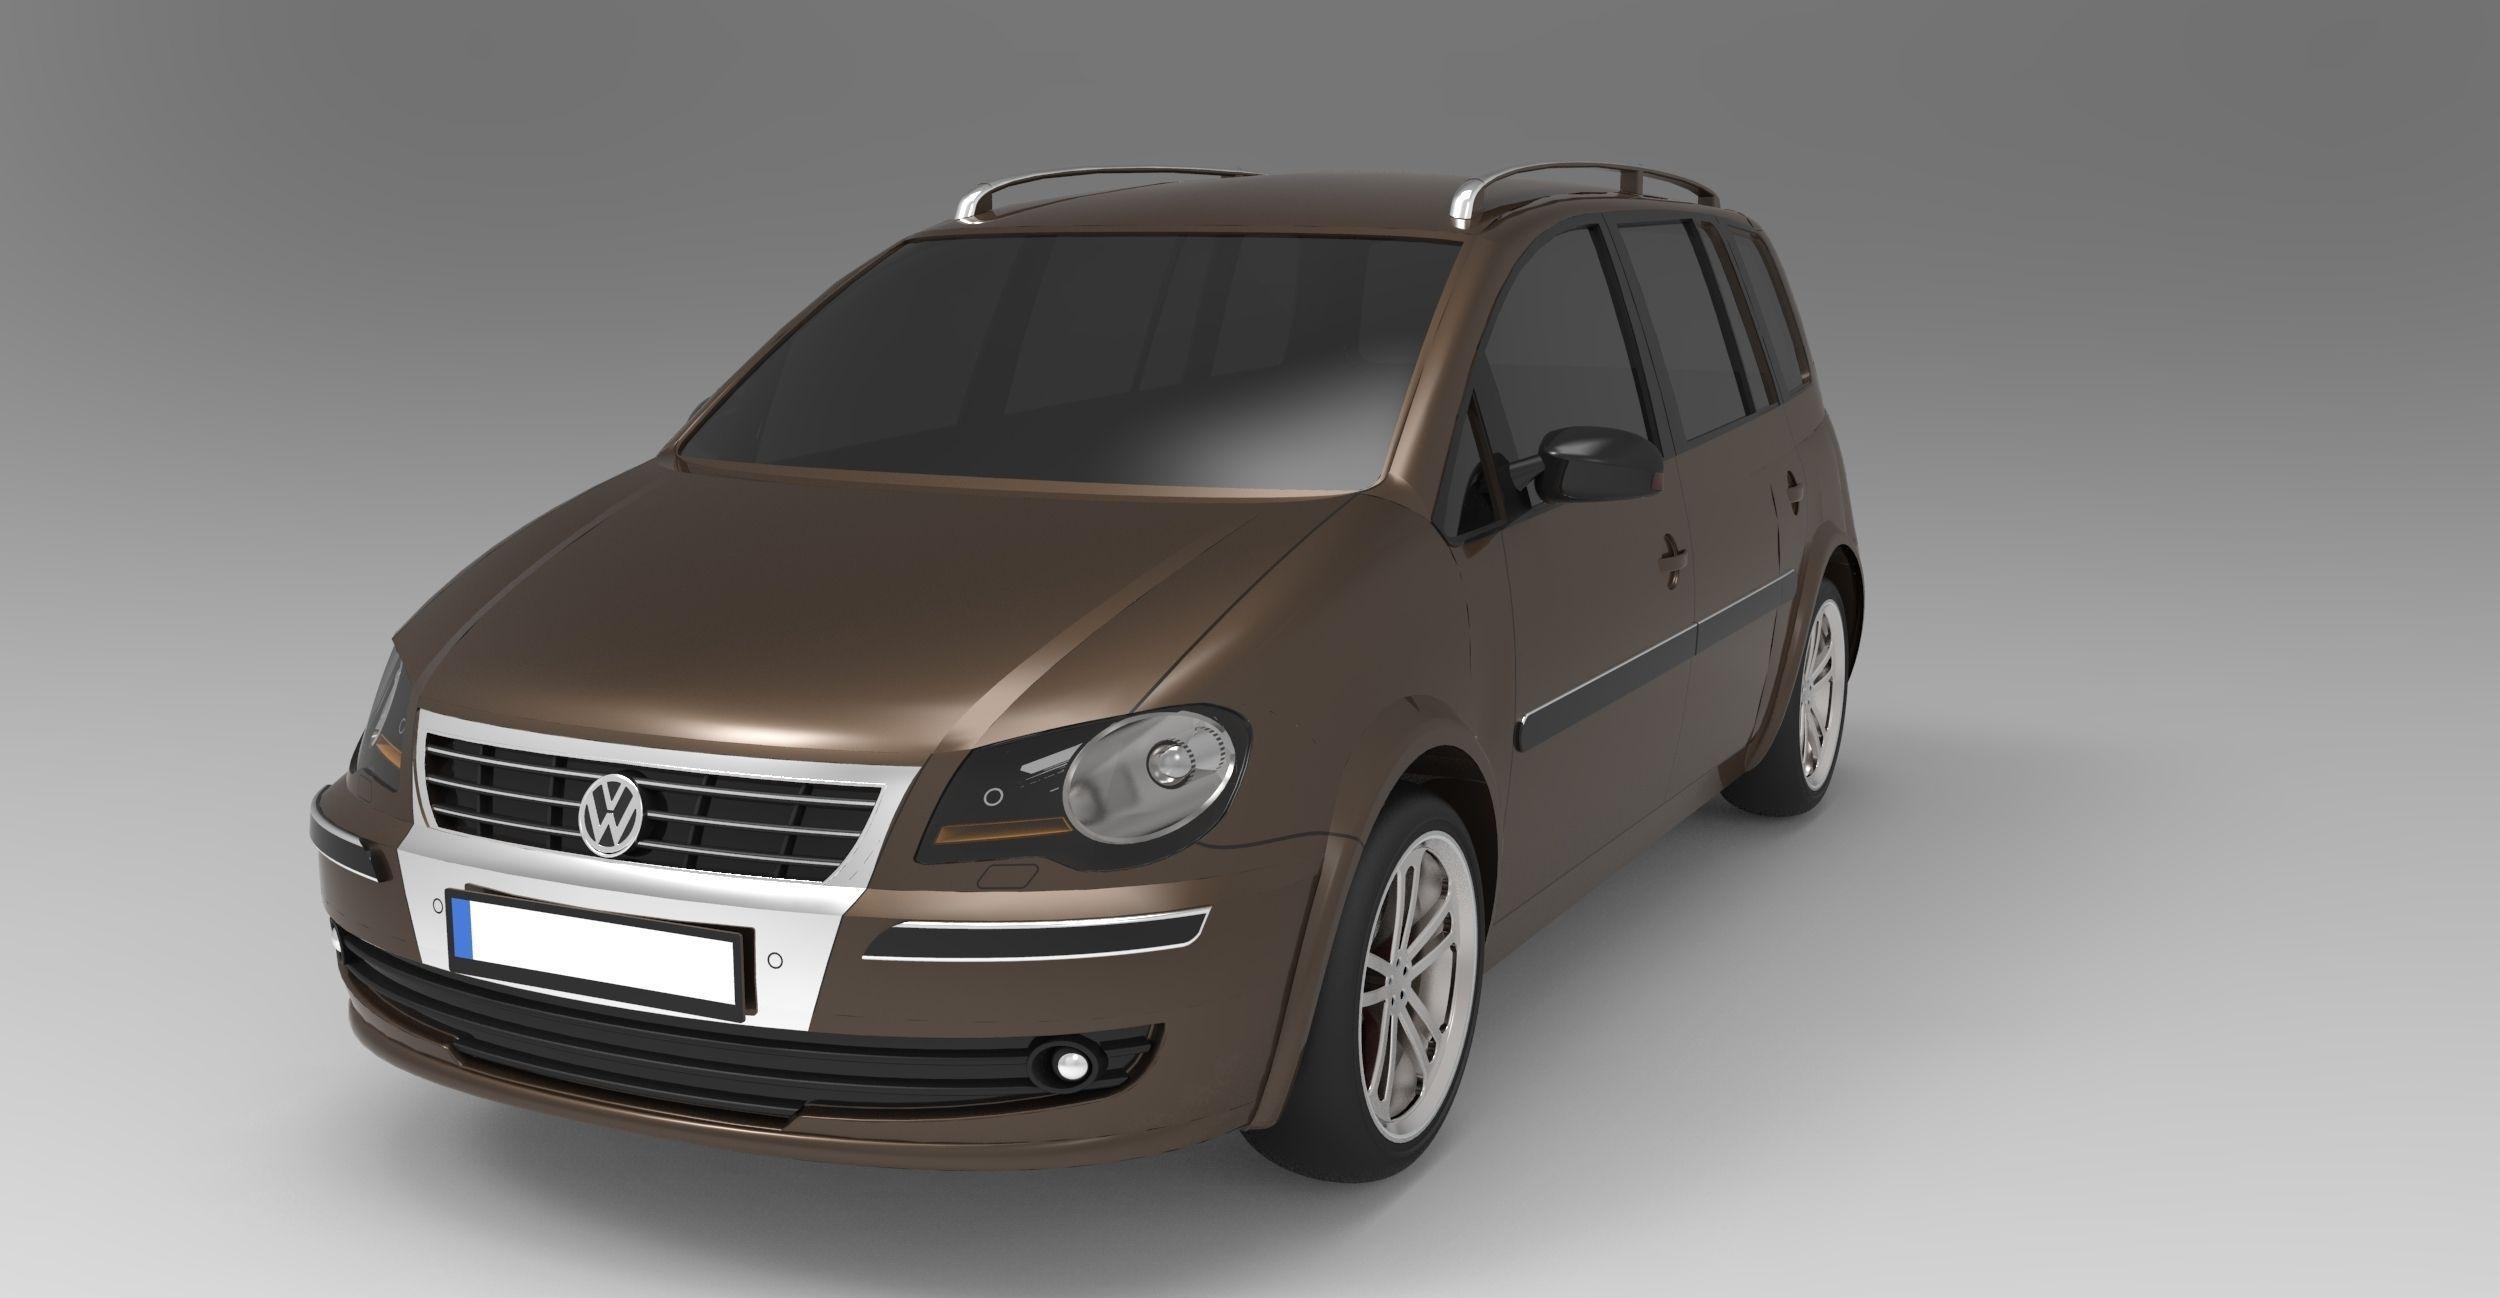 volkswagen touran 2009 3d model max obj sldprt sldasm. Black Bedroom Furniture Sets. Home Design Ideas